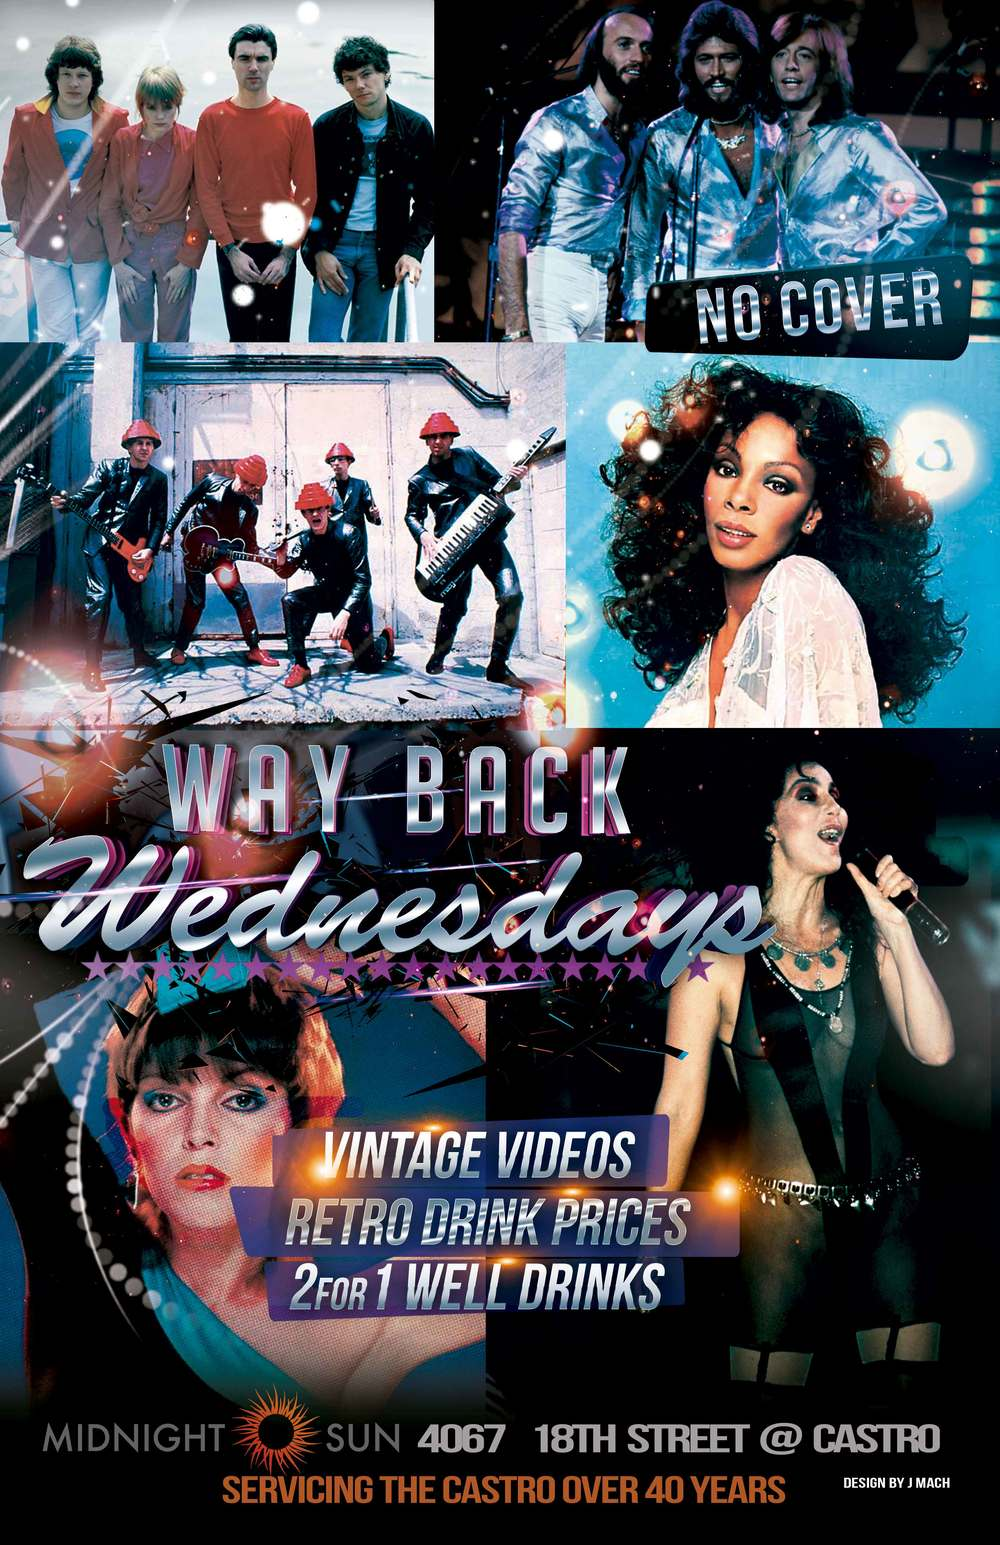 WednesdayNightWeb.jpg